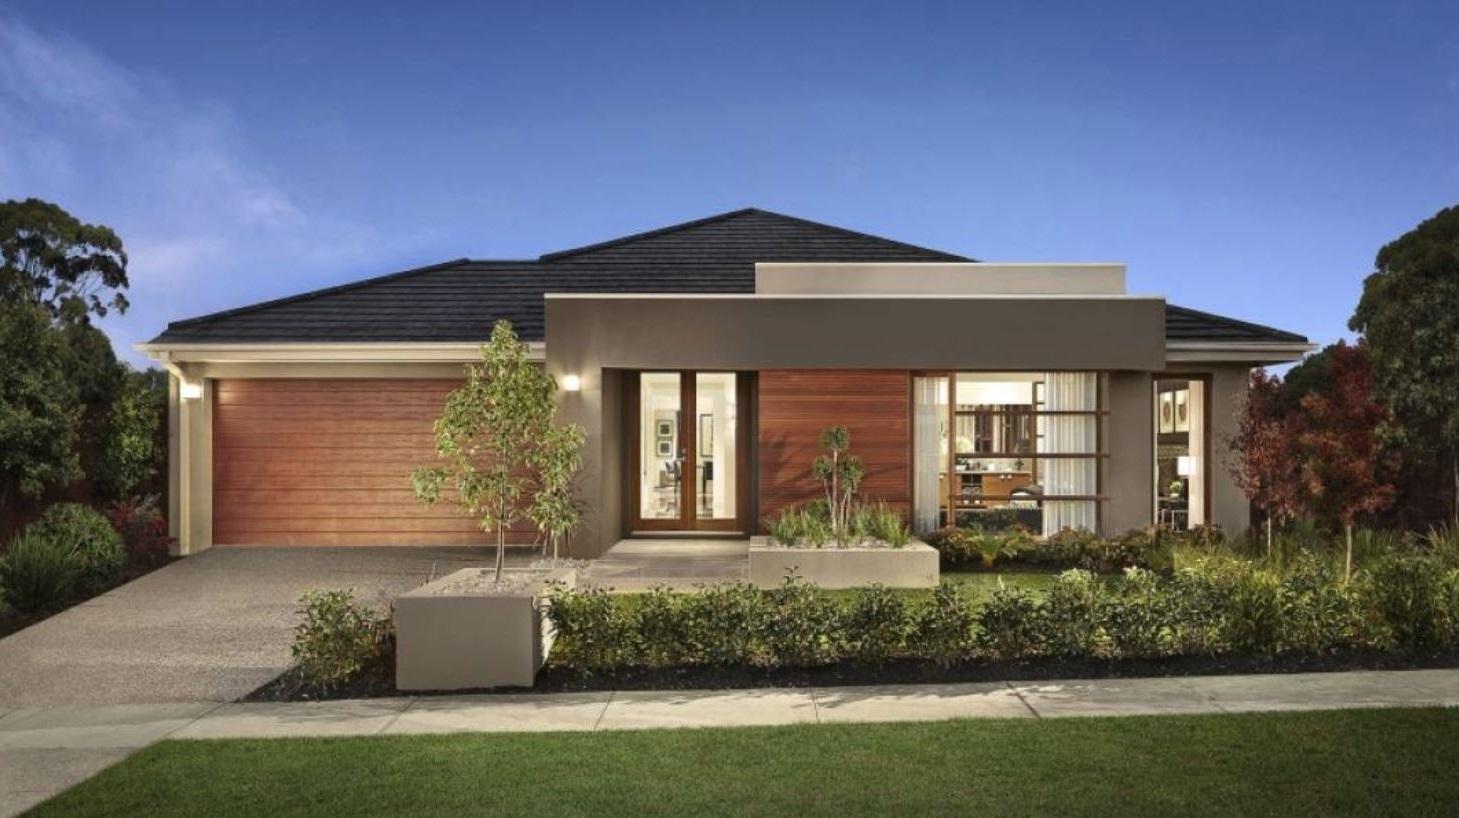 Fachadas de casas de 1 piso for Frentes de casas de una planta